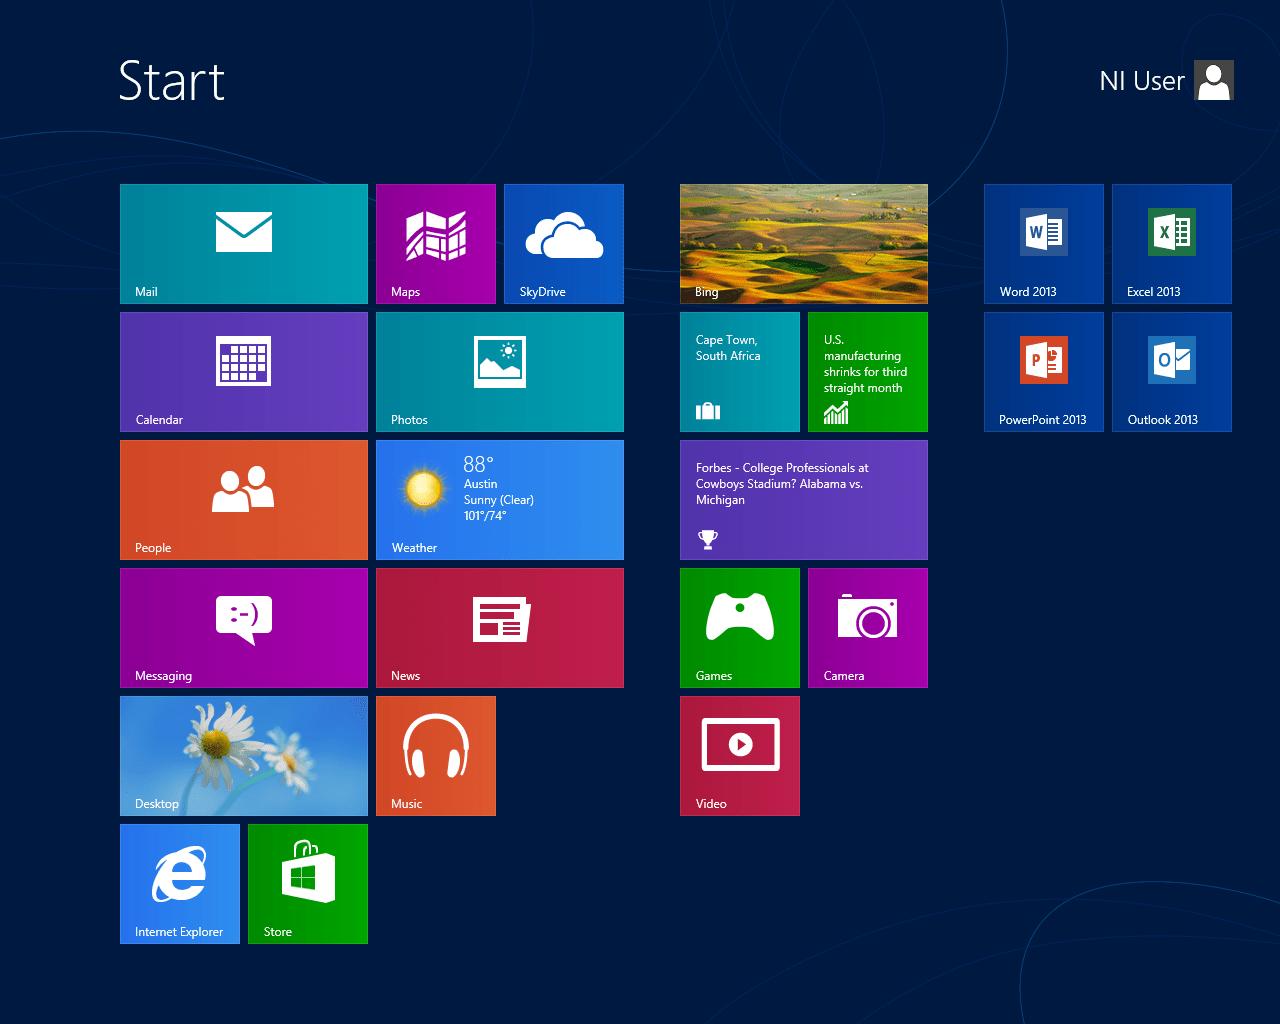 Microsoft presenta il nuovo Windows 8, intuitivo e dalla grafica accattivante